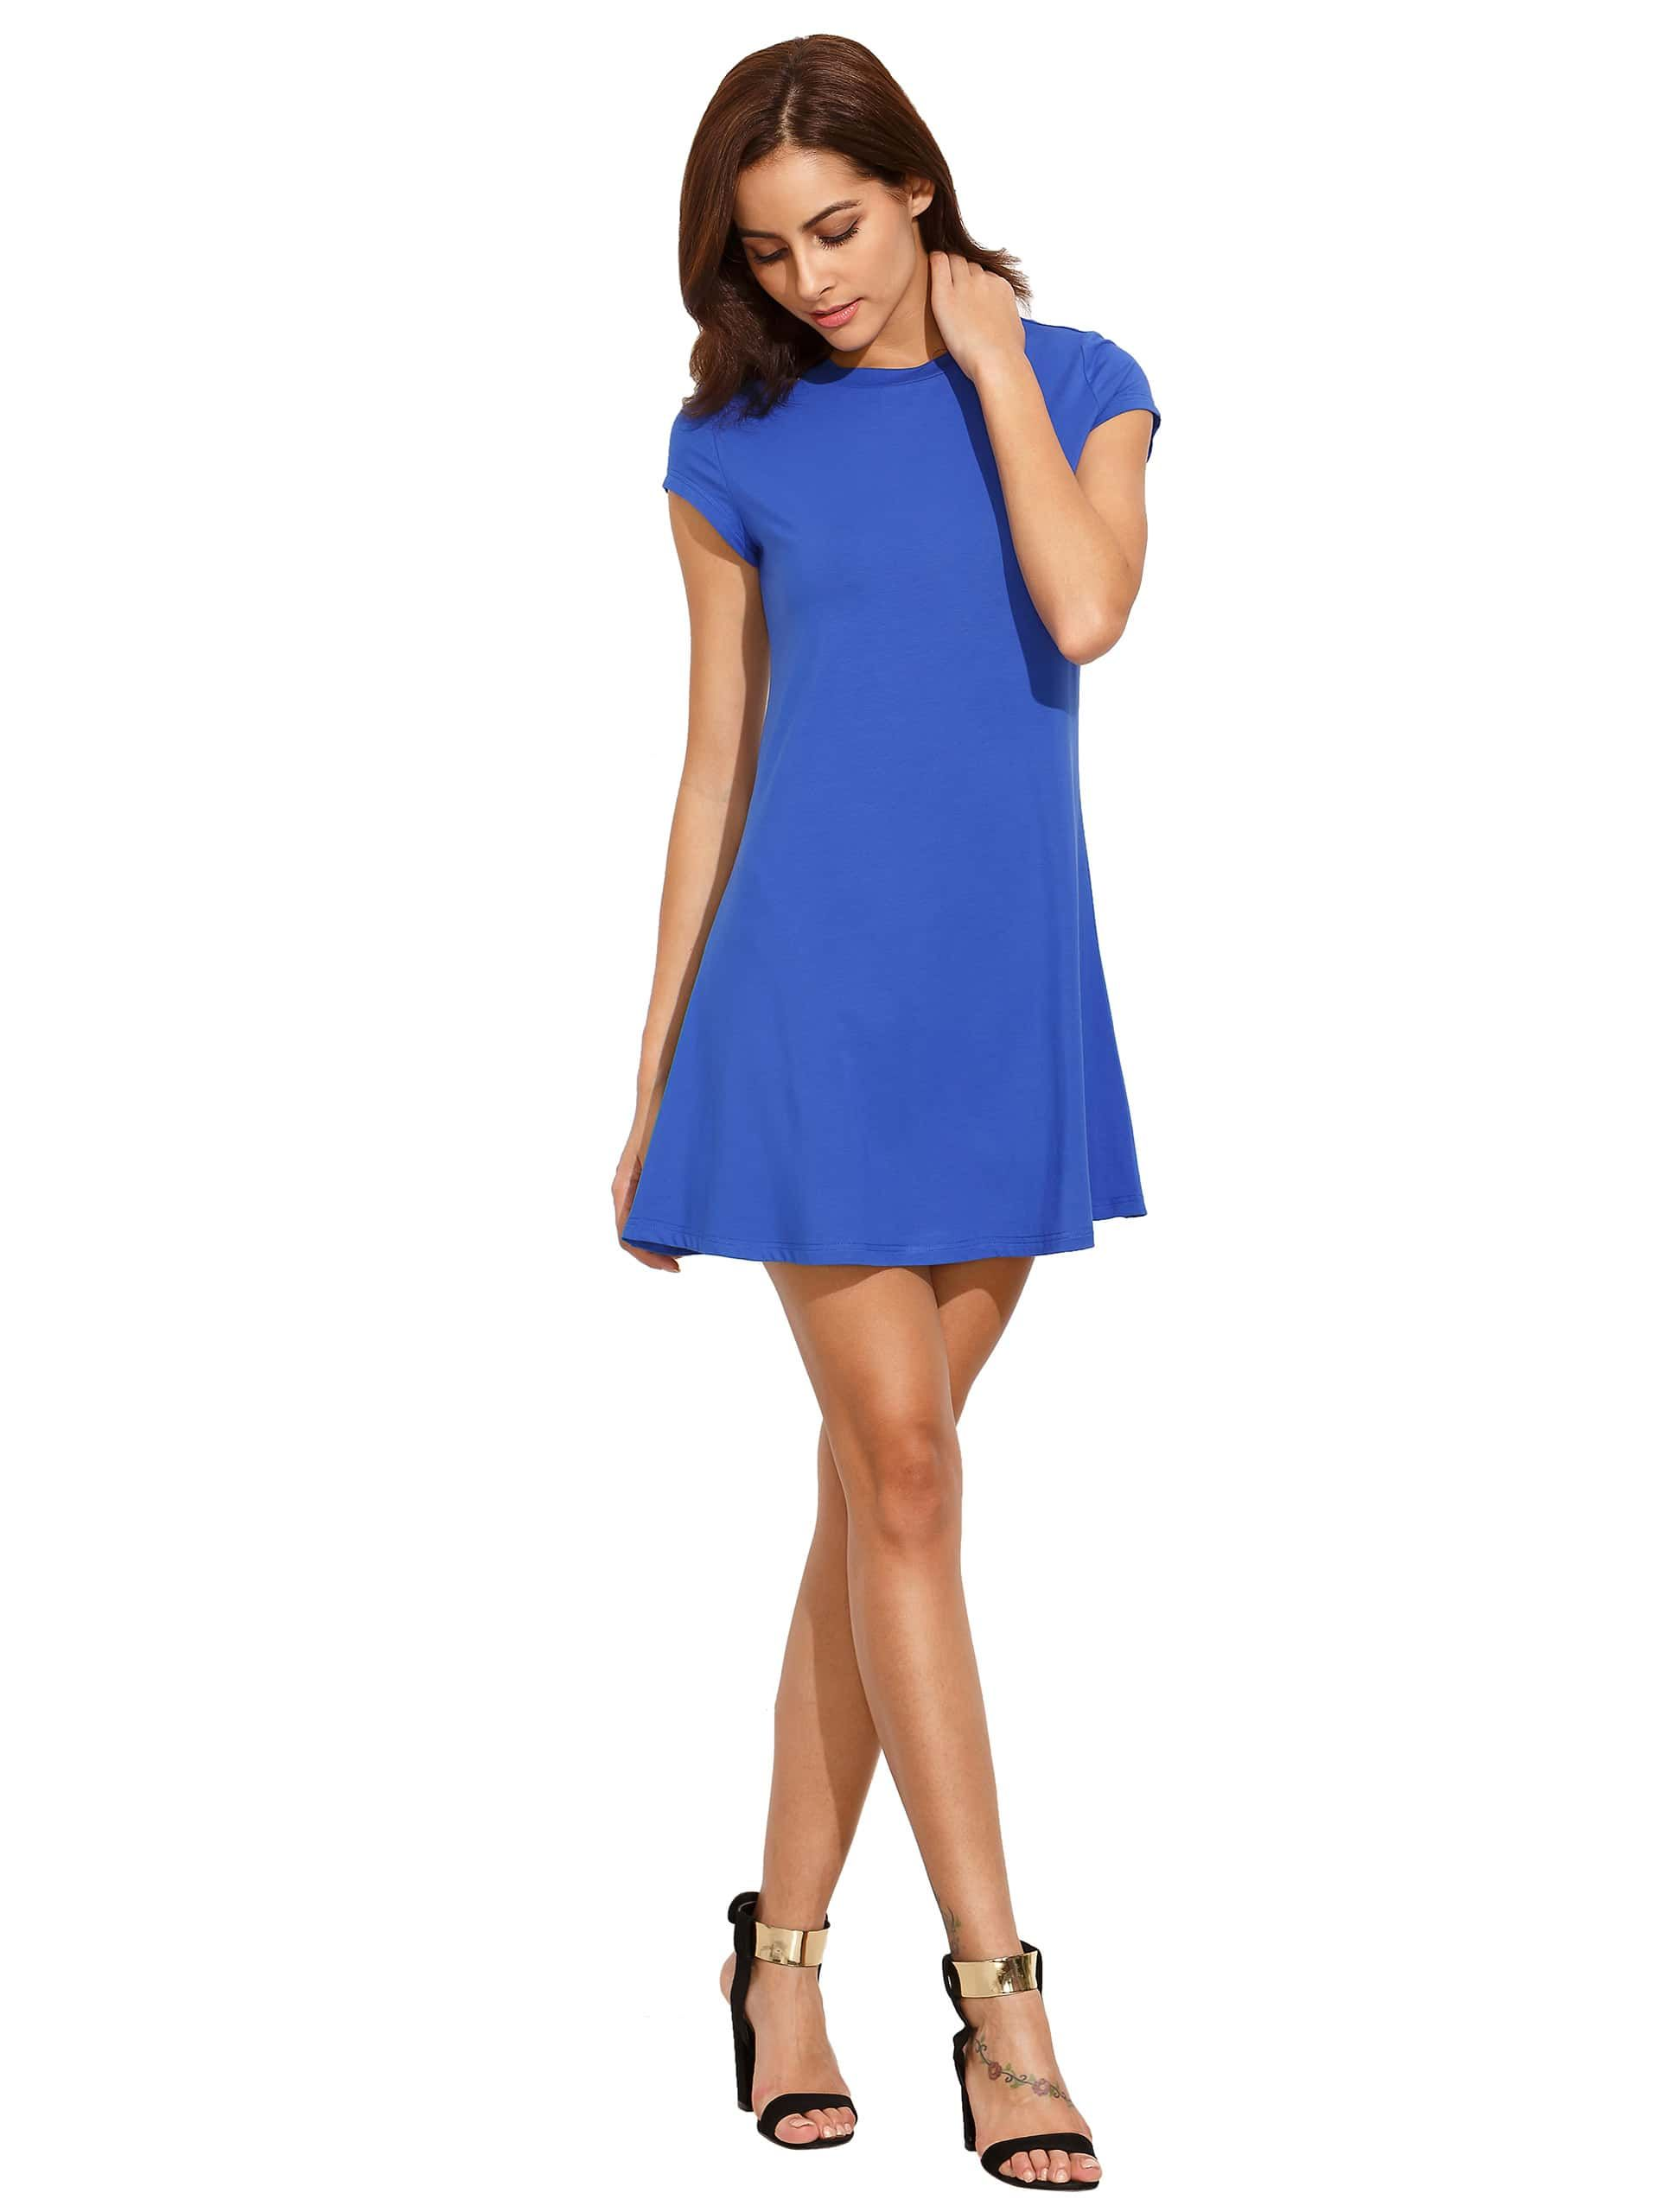 blaues kleid shein in 2020 | dunkelblaues kleid, kleider